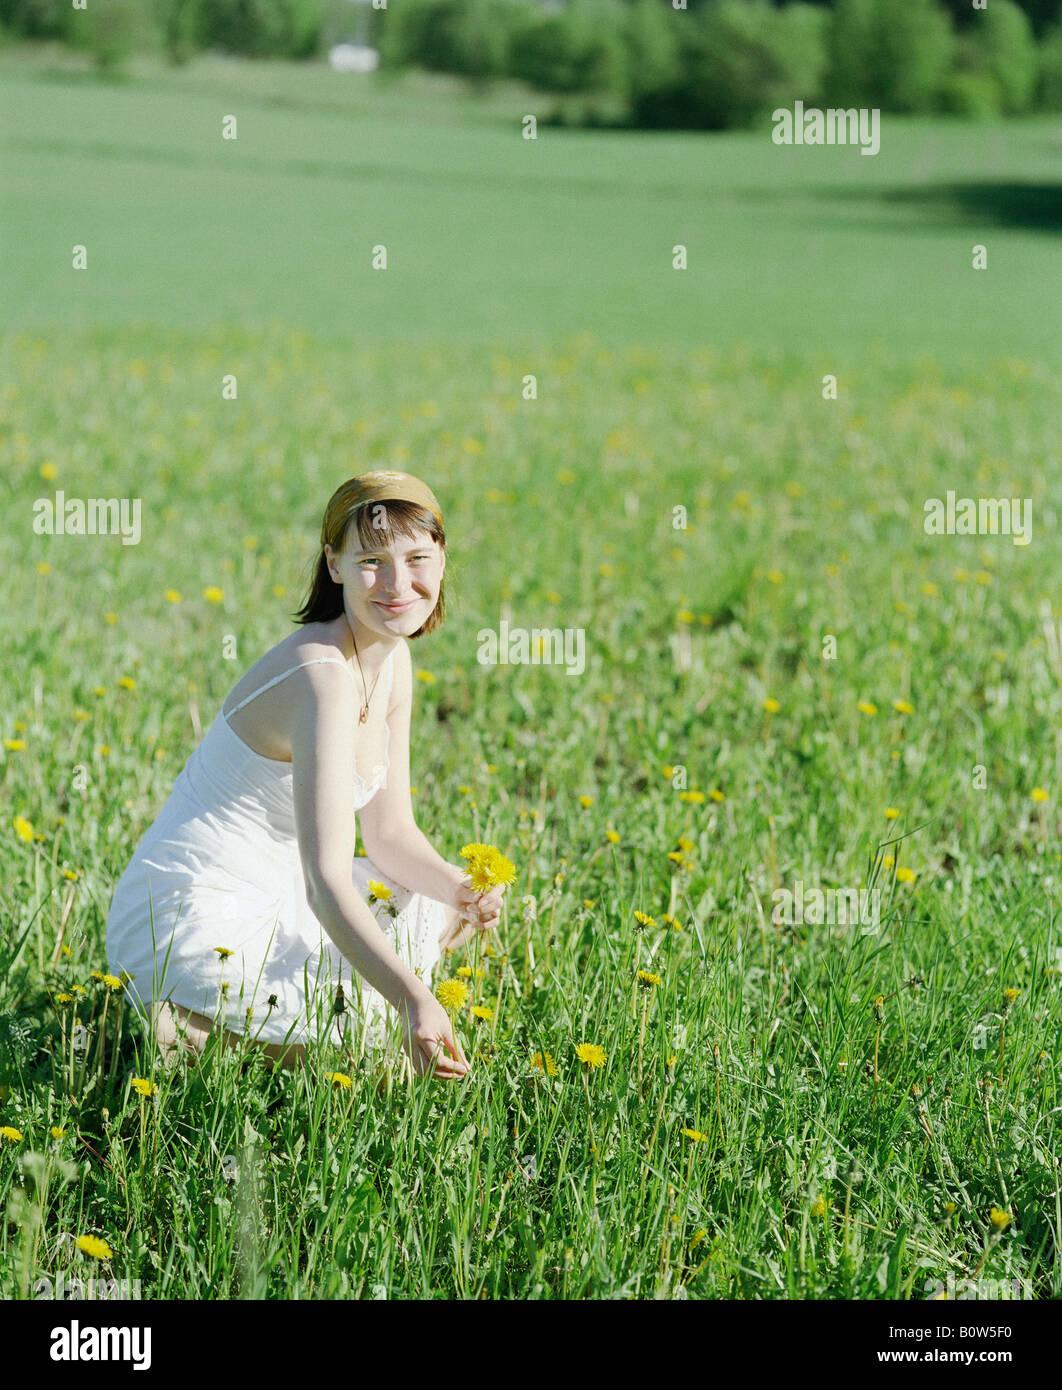 Giovane donna a caccia di fiori in un campo Immagini Stock